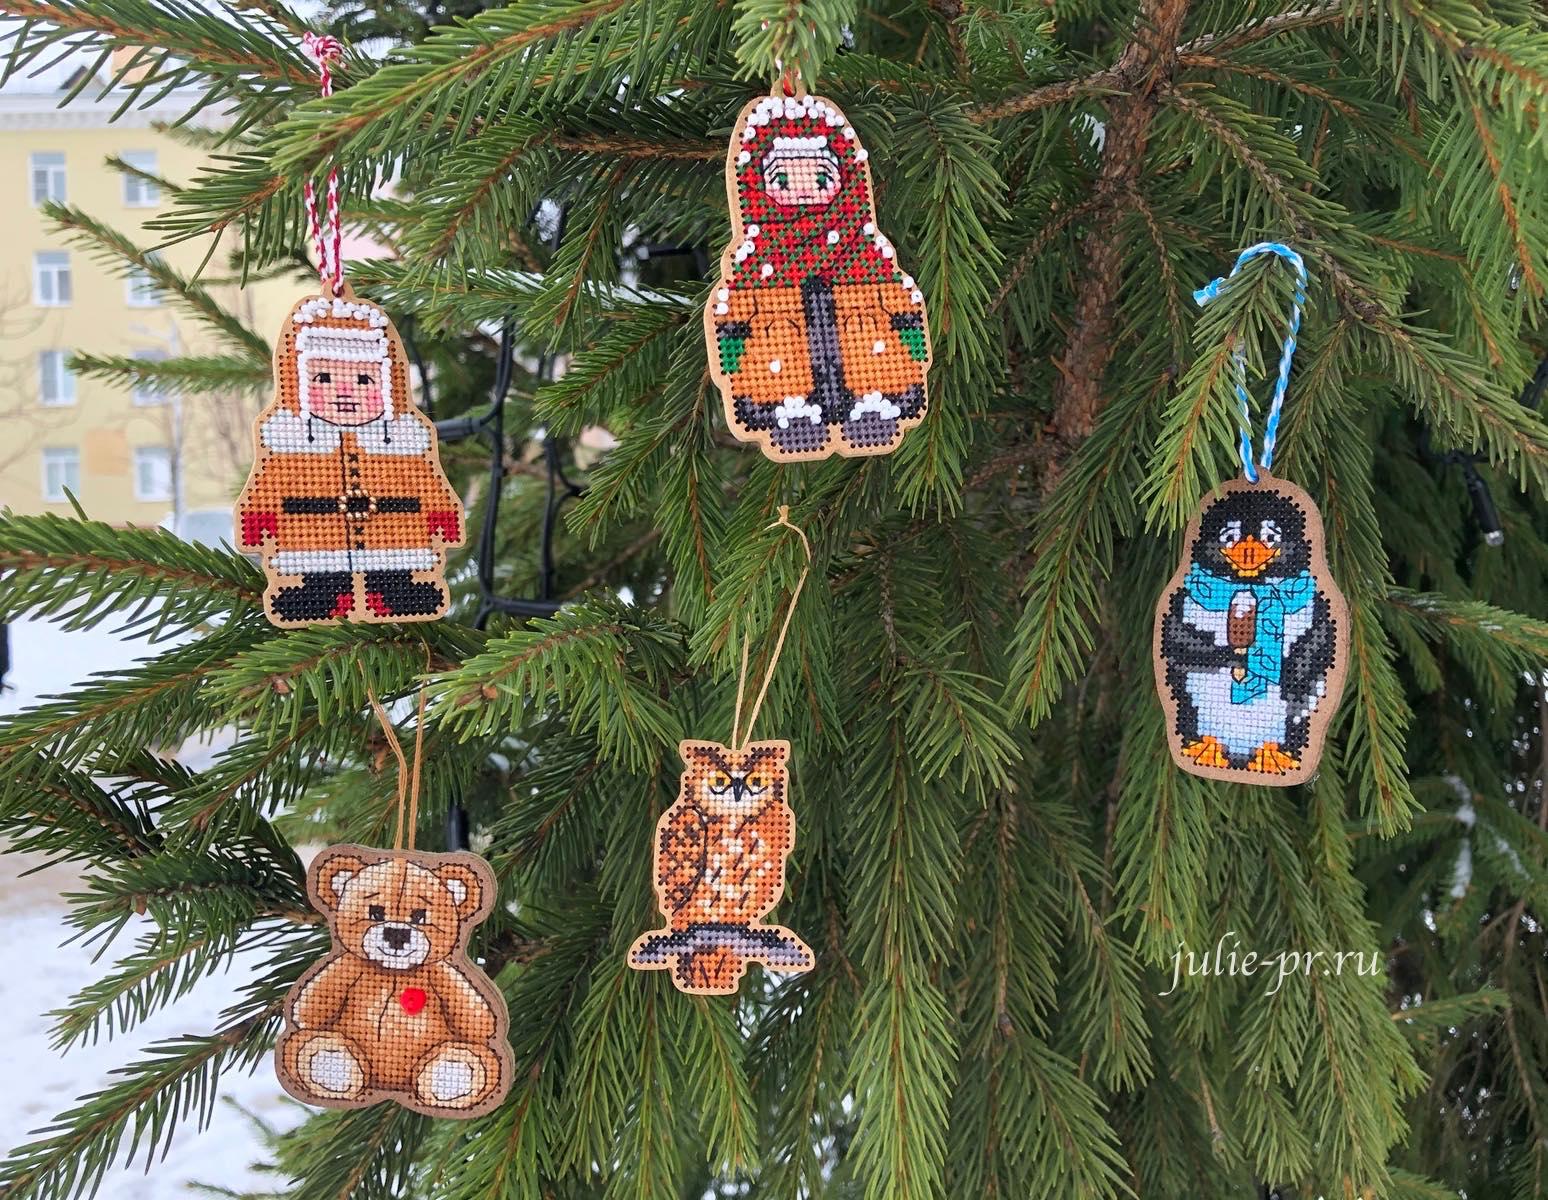 дивная вишня, вышивка крестом, пингвин, сова, советские малыши, мишка, вышивка на дереве, деревянной основе, новогодняя игрушка